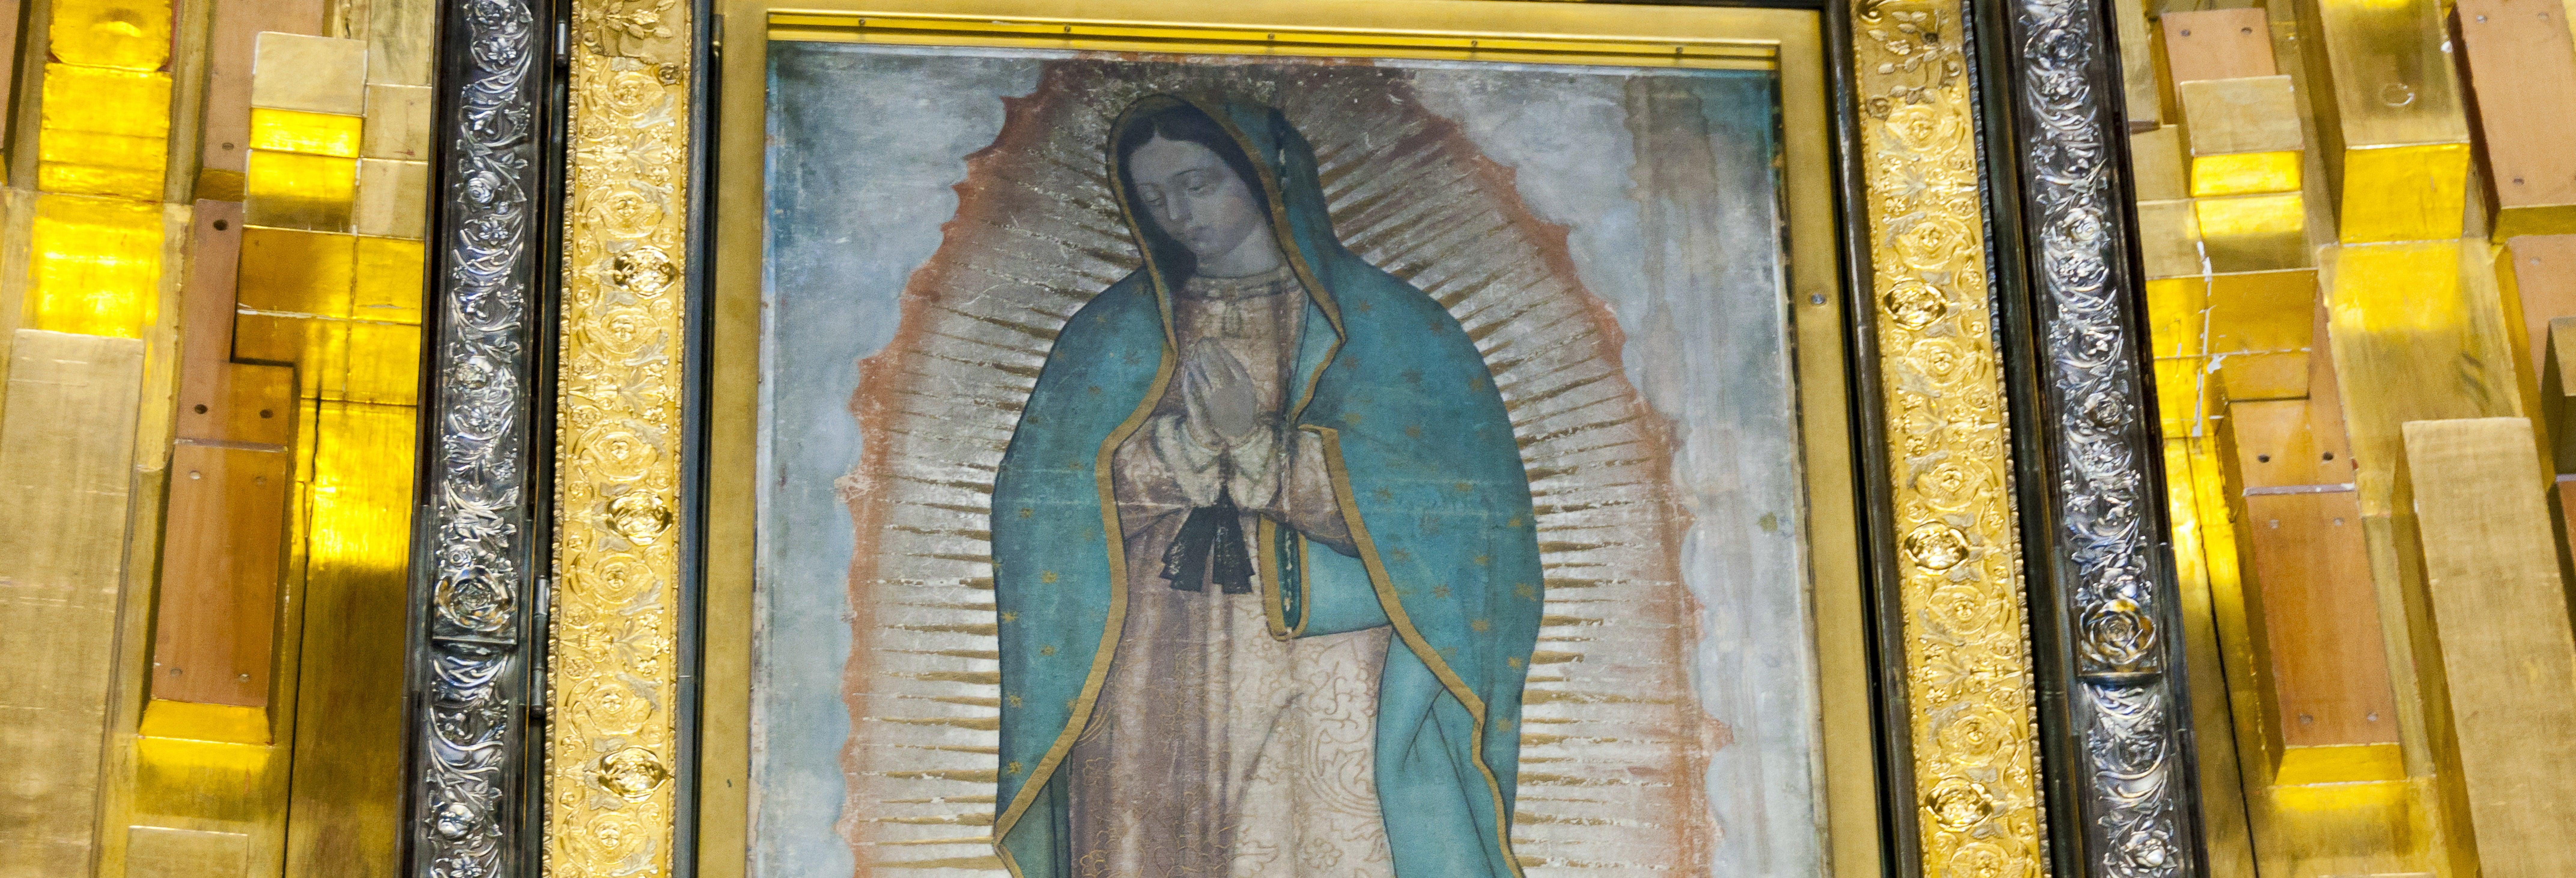 Excursión a la Basílica de Guadalupe